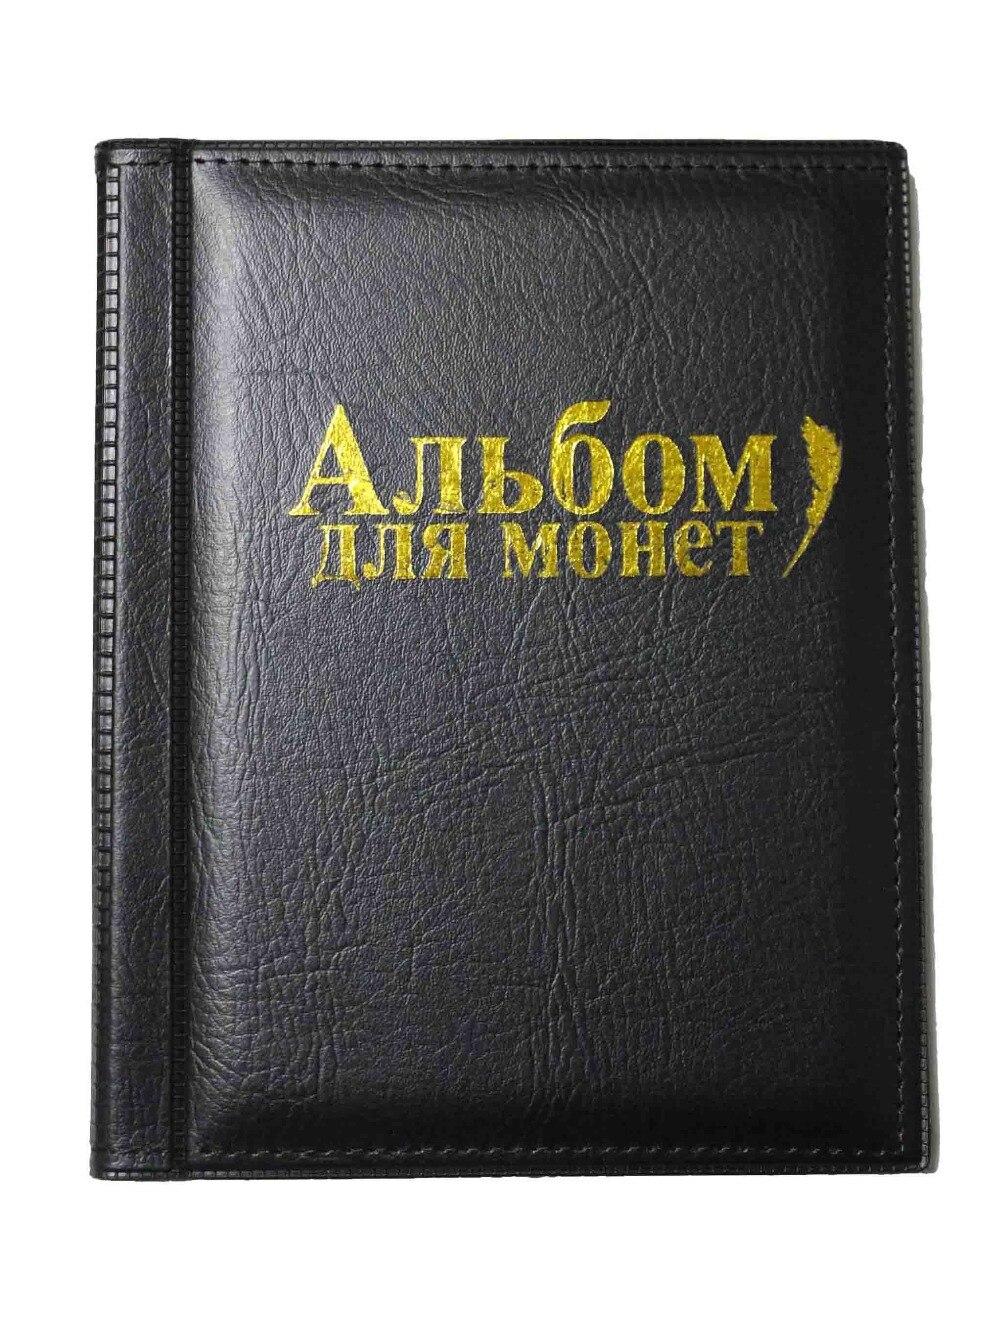 Livraison Gratuite Coin Album 10 Pages fit 250 Unités coin collection livre Grave police estampage à chaud défauts